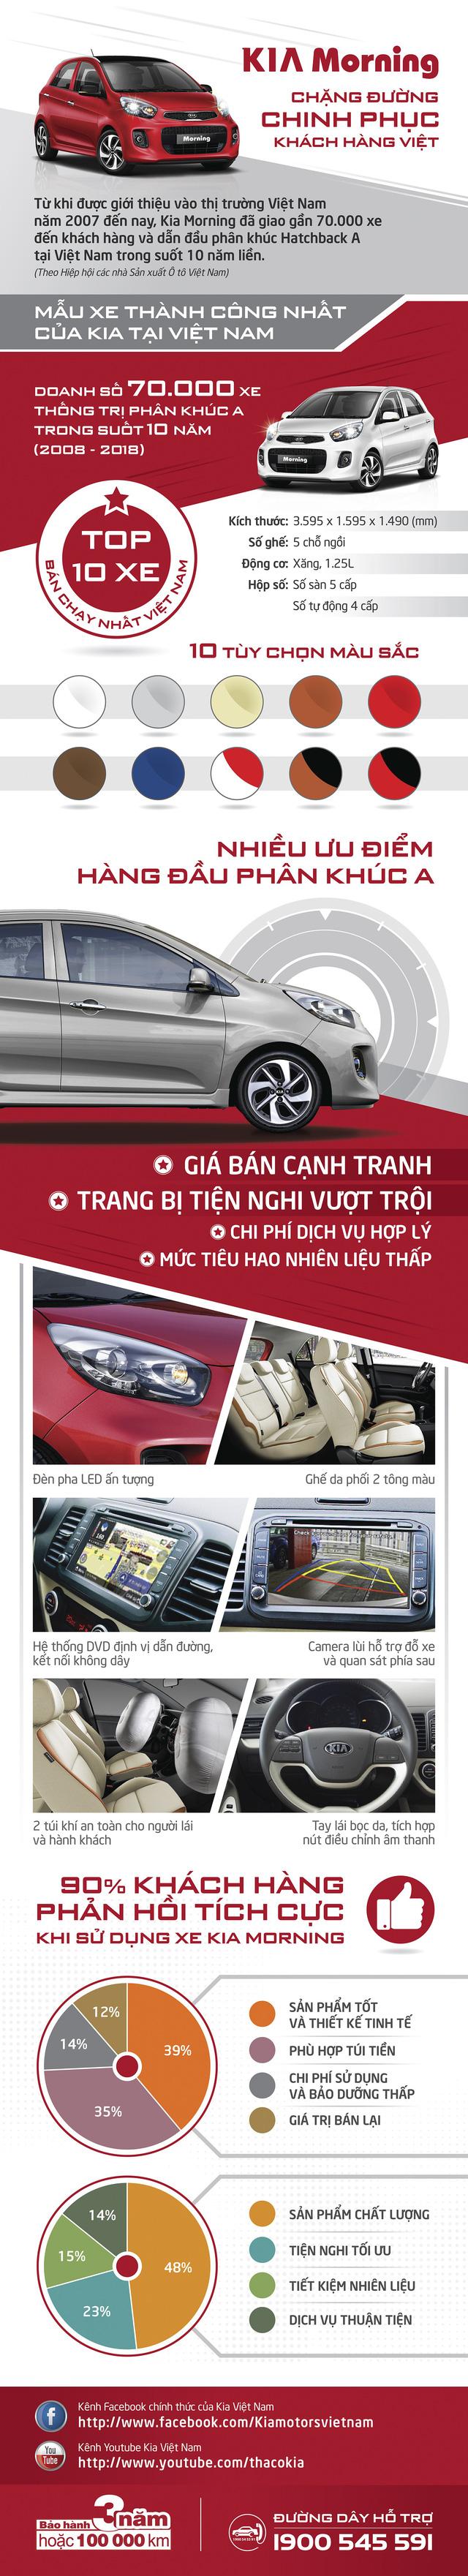 KIA Morning - mẫu hatchback thành công nhất của KIA  tại Việt Nam - Ảnh 1.